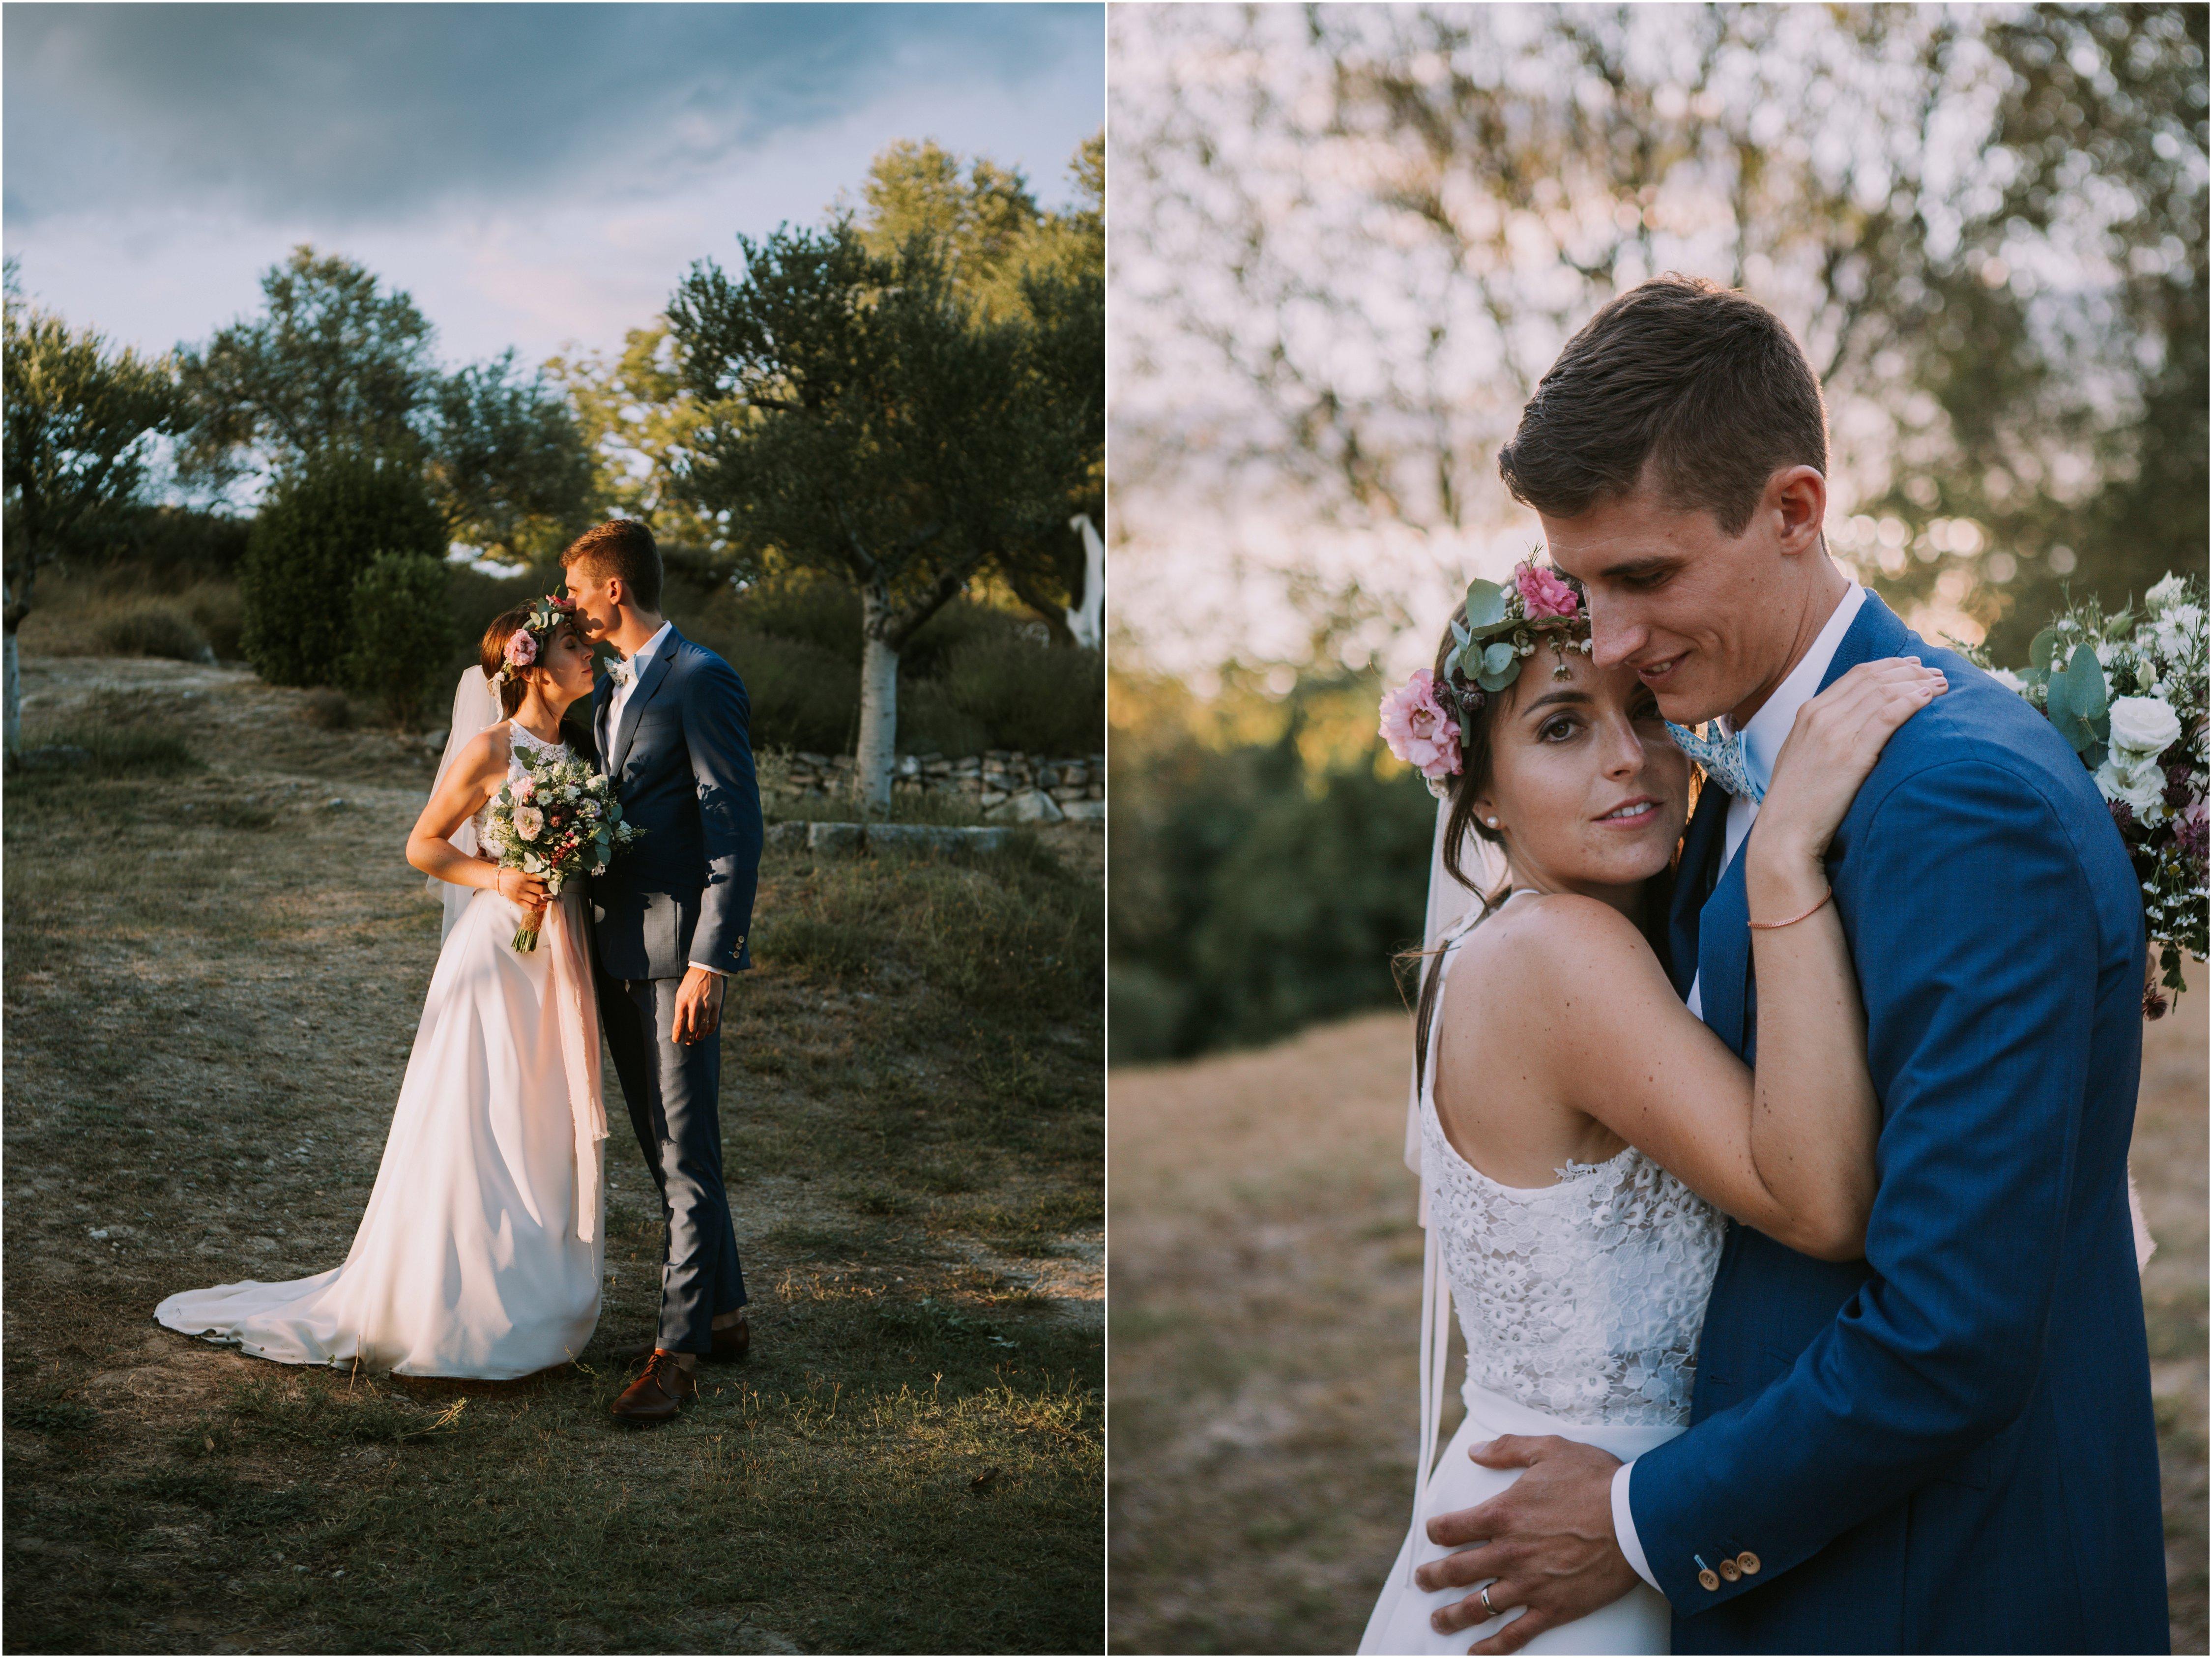 kateryna-photos-mariage-wedding-france-ardeche-domaine-clos-hullias-Saint-Christol-de-Rodière-gard-cevennes_0233.jpg